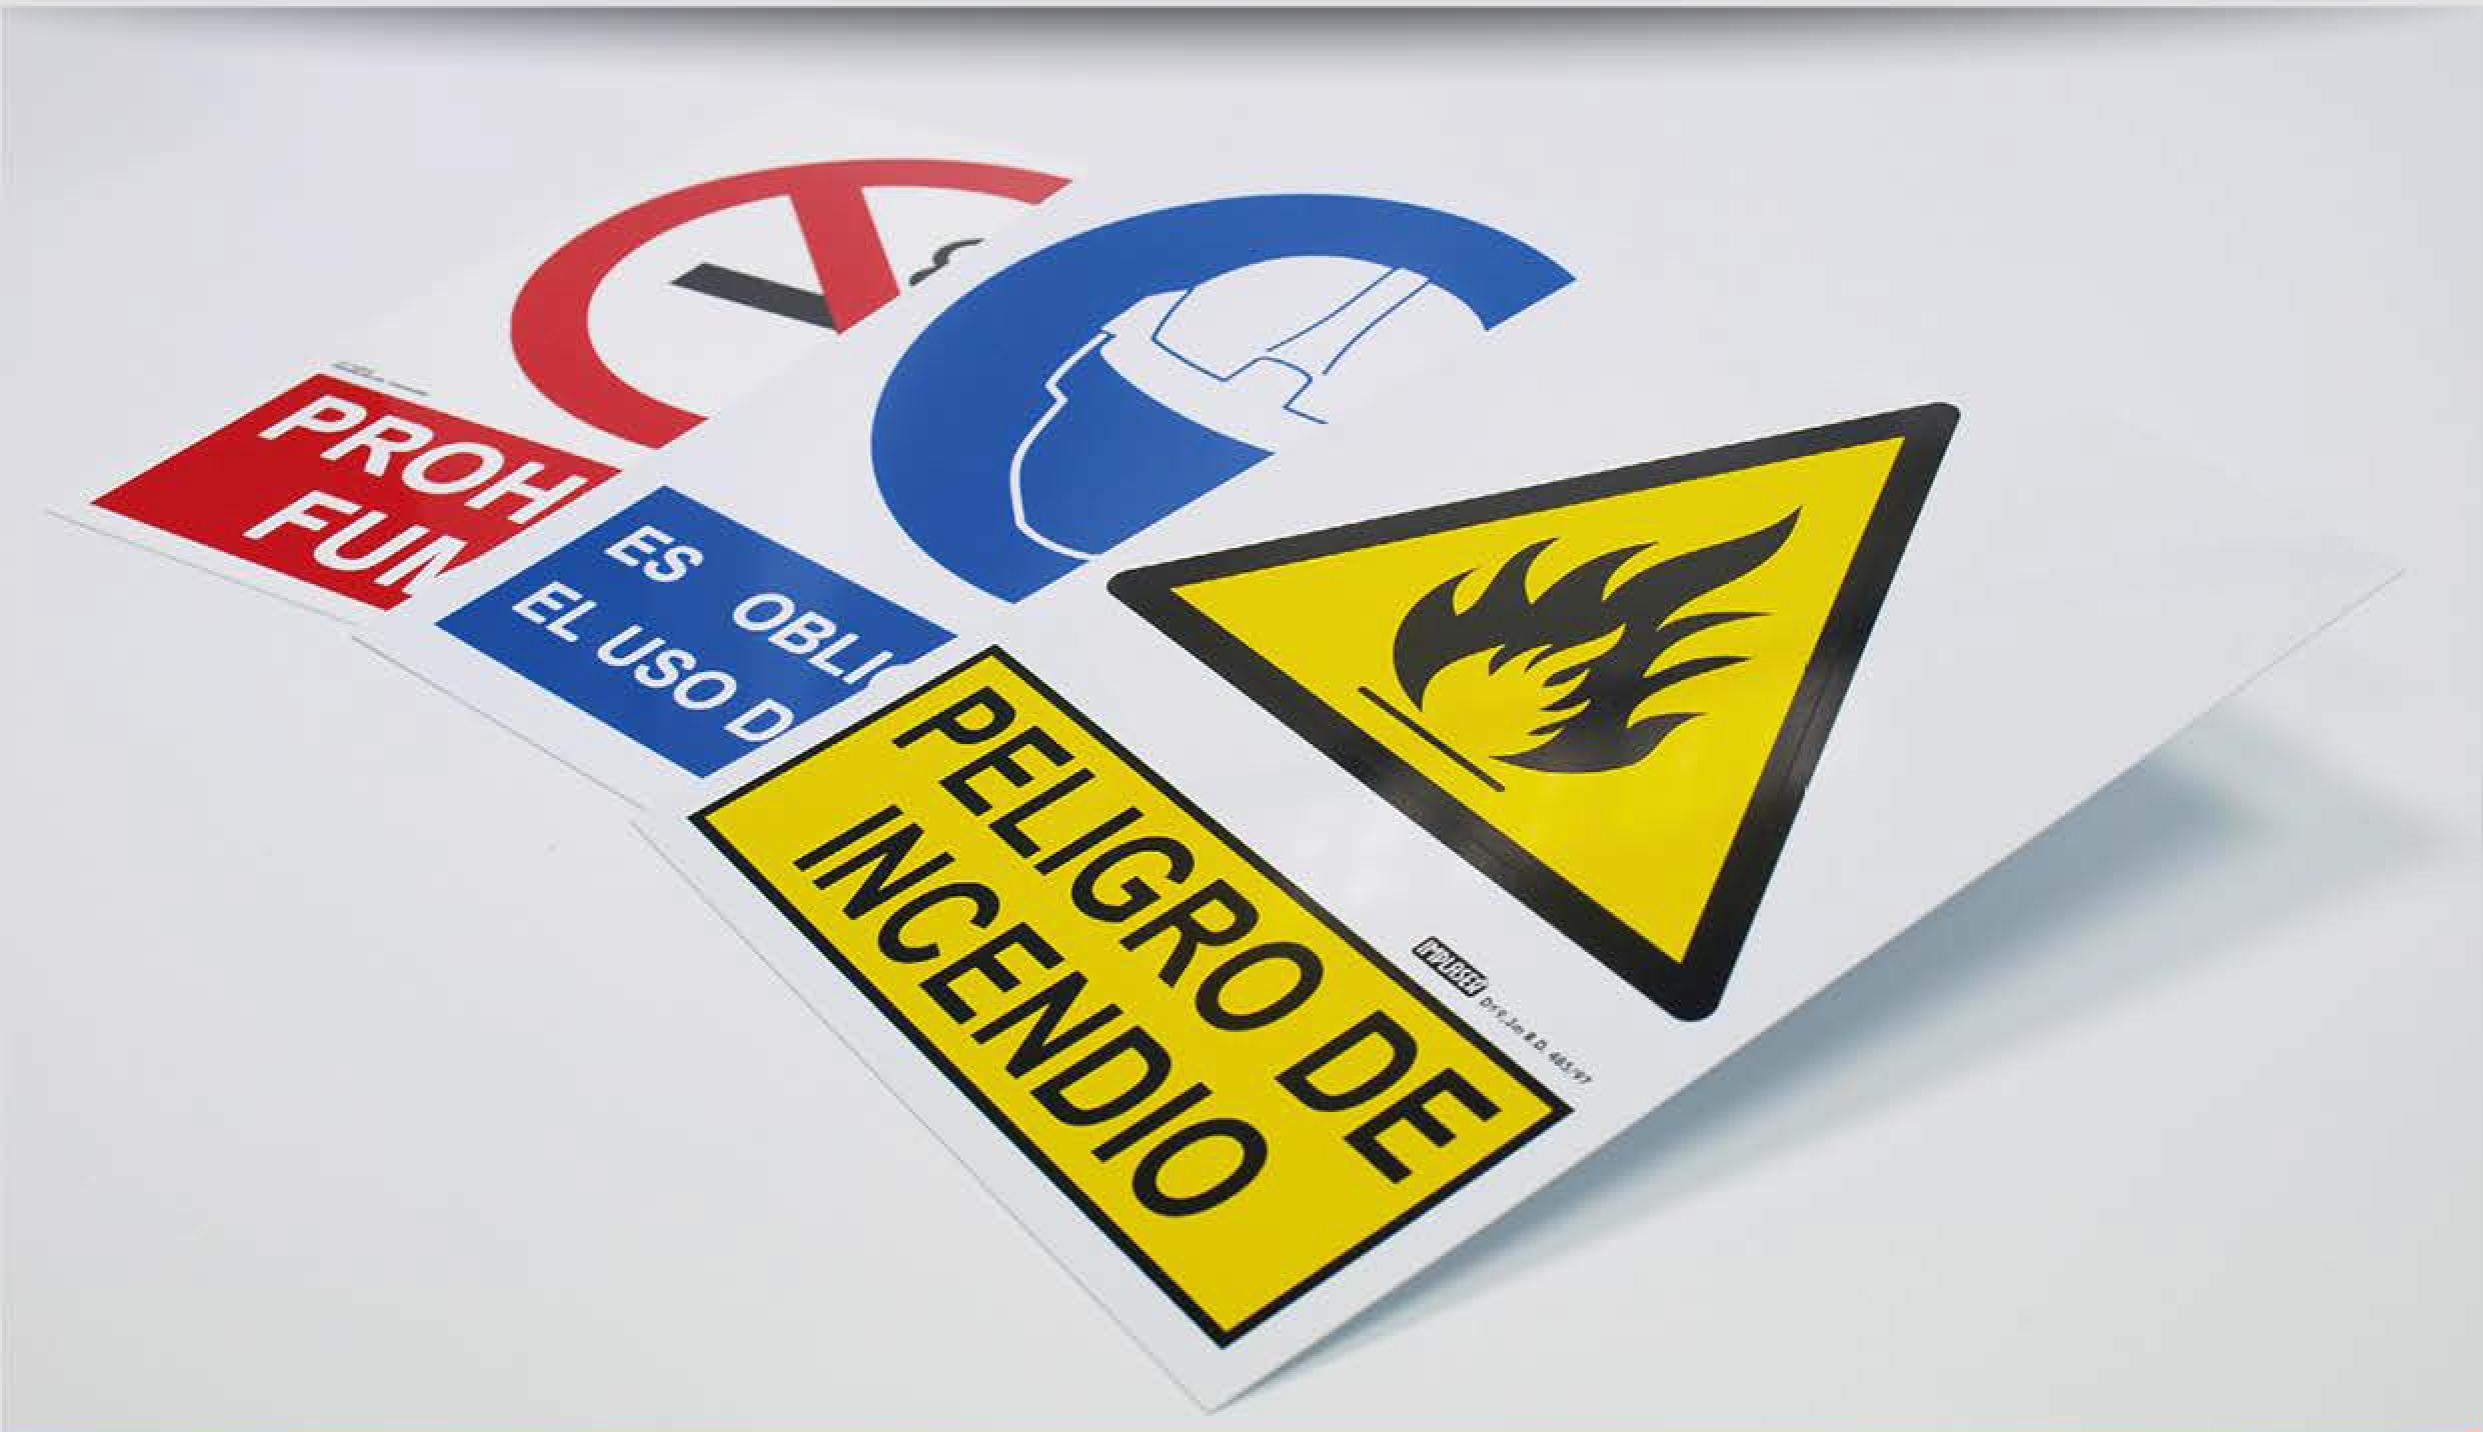 Tűzvédelmi, munkavédelmi biztonsági jelek